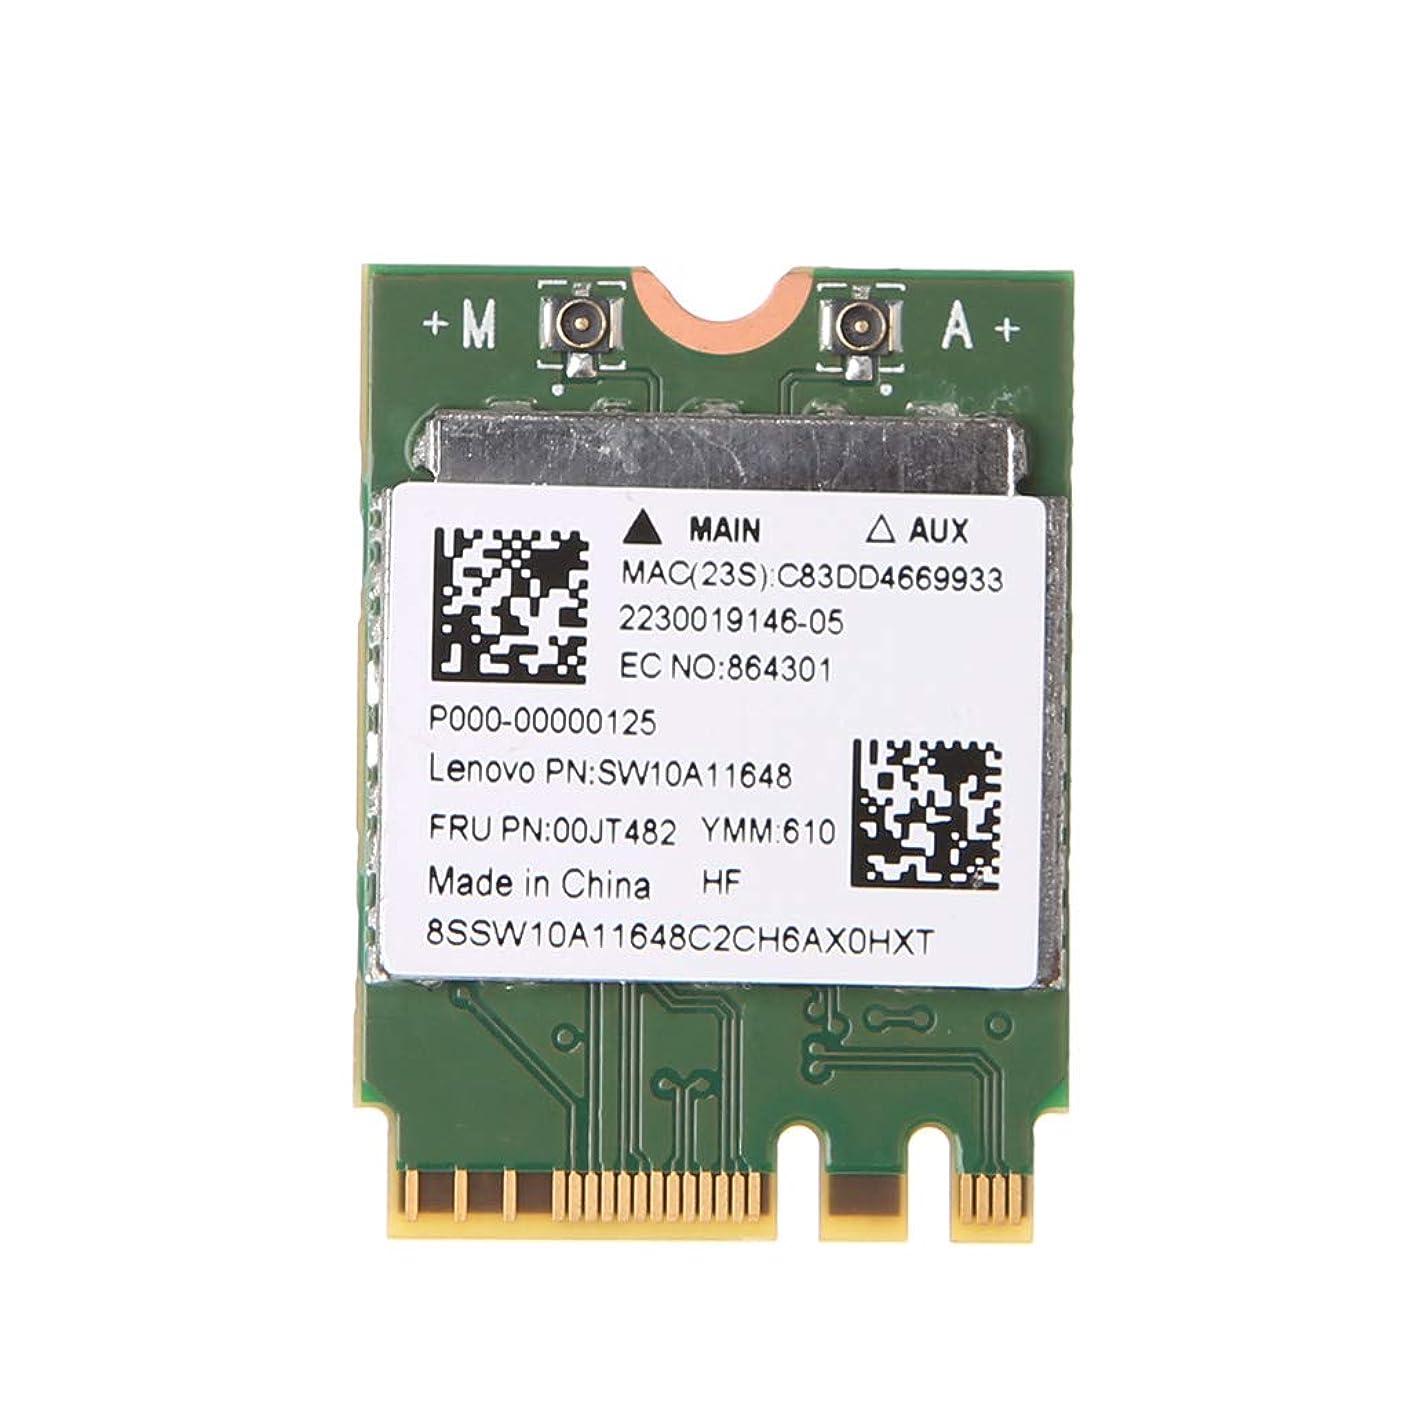 Abnana ?RTL8821AEのデュアルバンド2.4 + 5 GHz 433M Bluetooth V4.0 NGFF M.2ワイヤレスカード